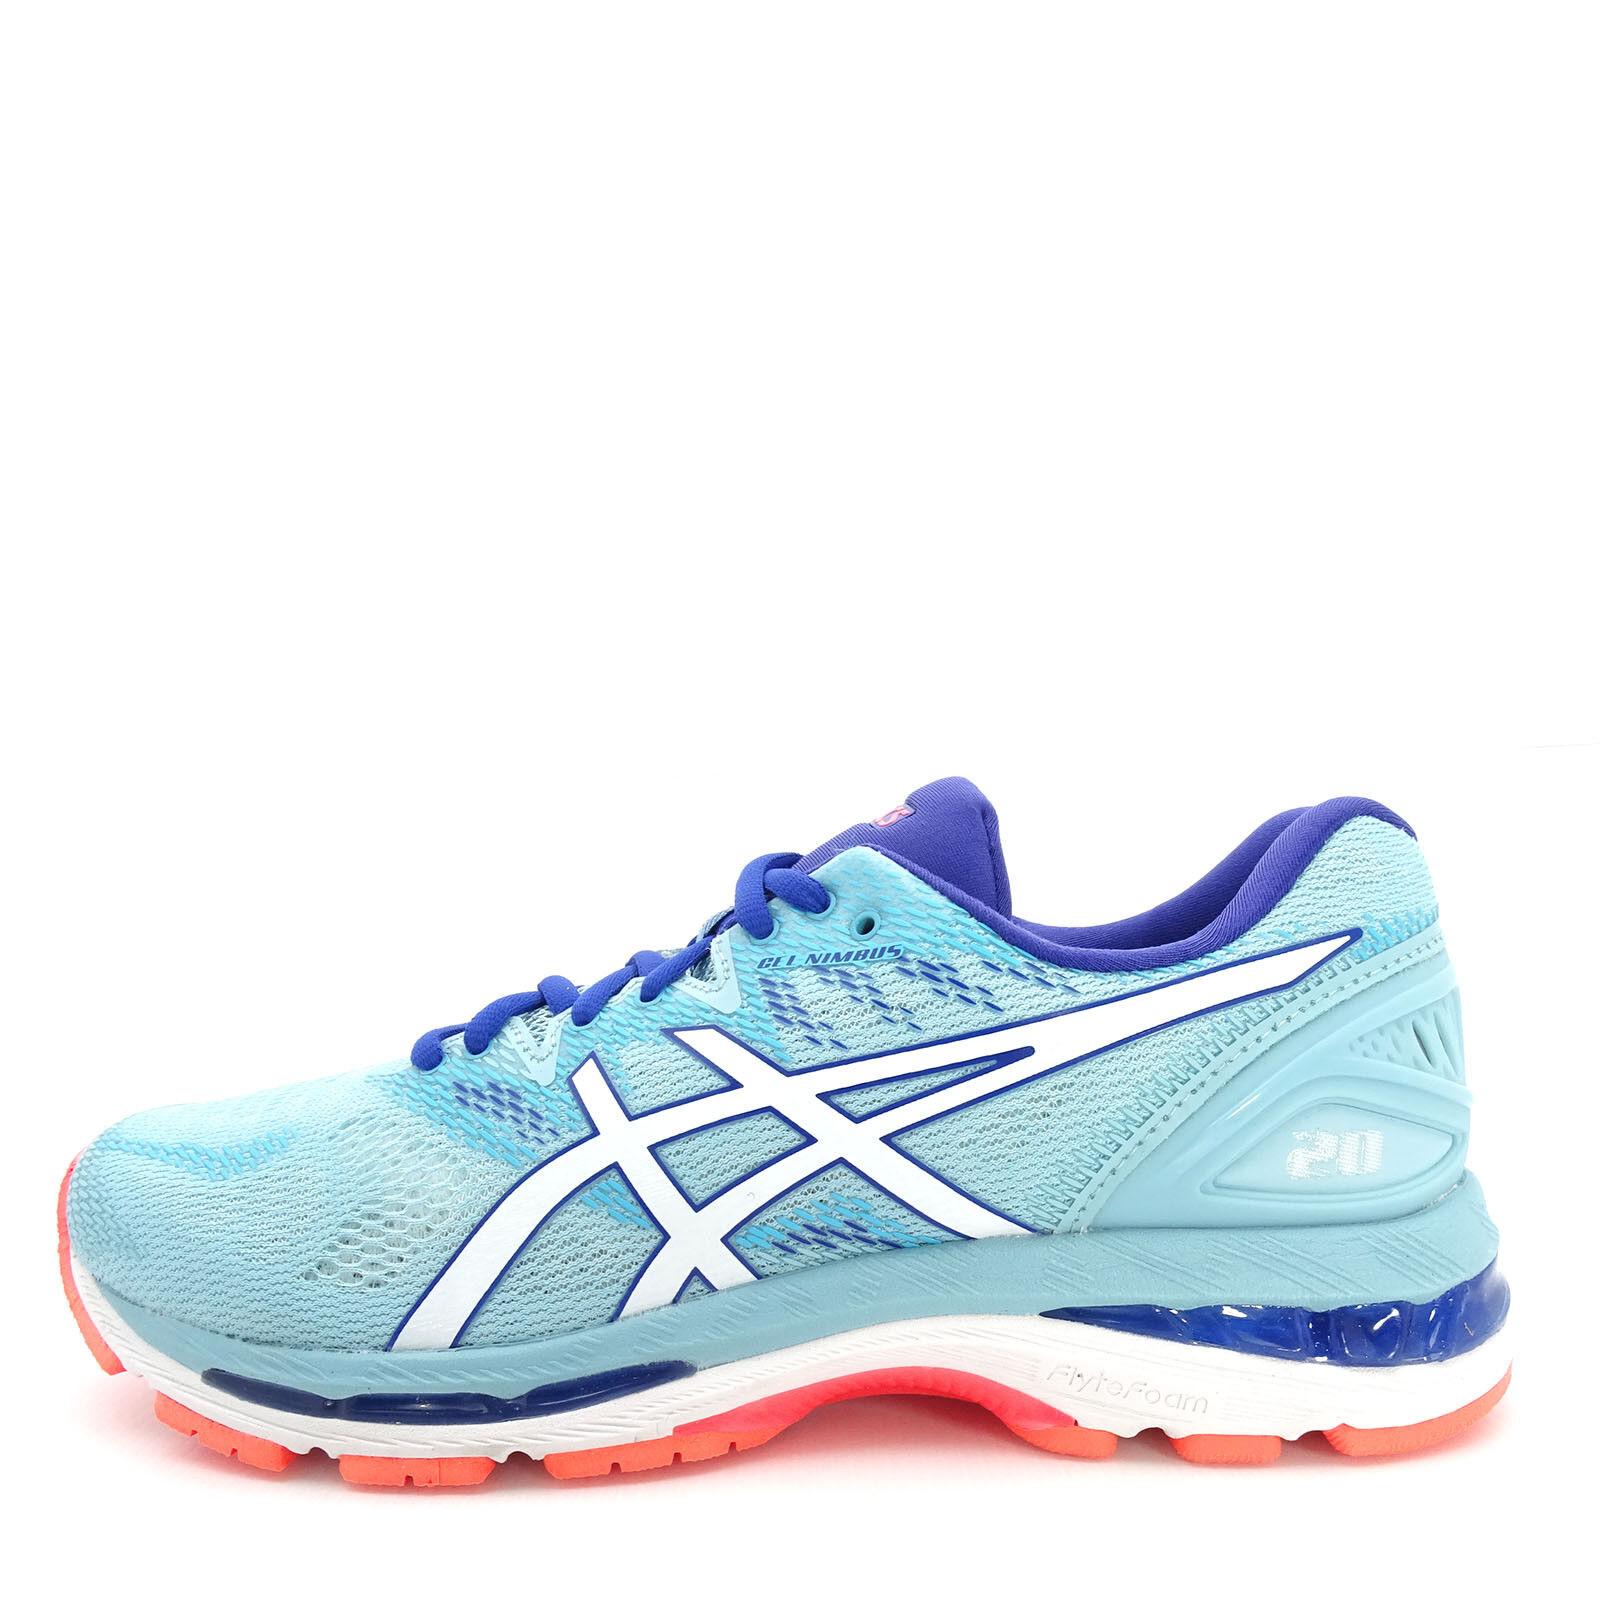 Asics GEL-Nimbus 20 [T850N-1401] Women Running Shoes Porcelain Blue/White